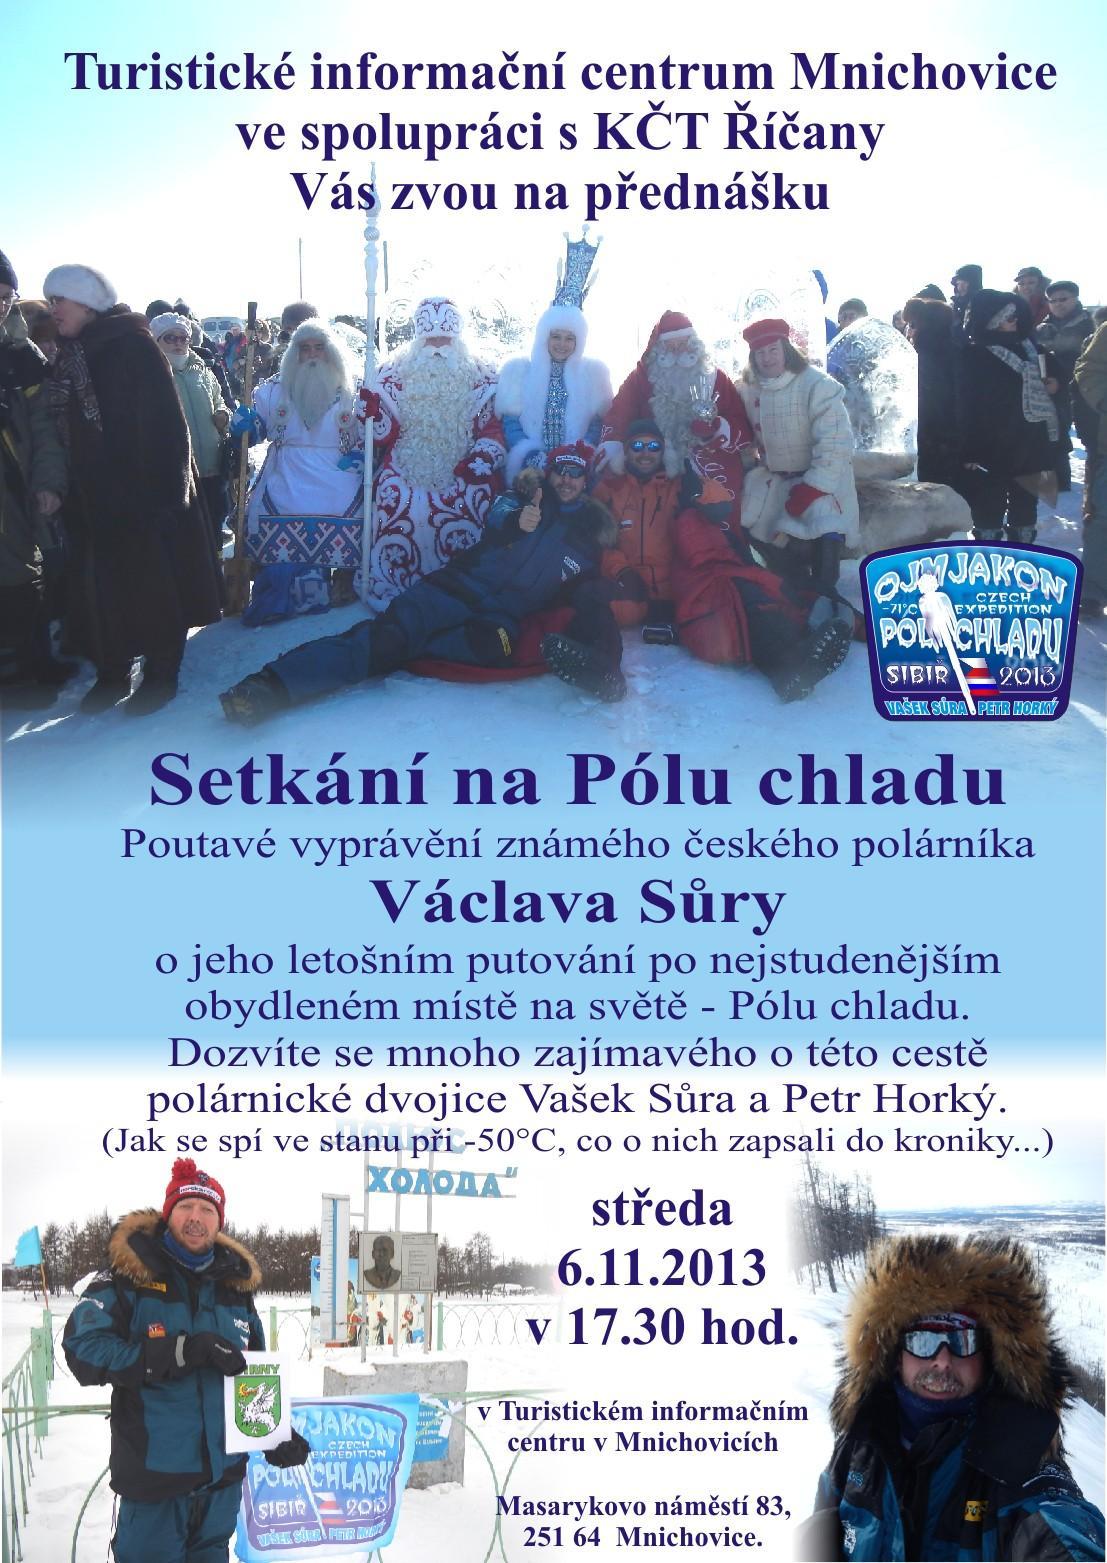 Setkání na Pólu chladu